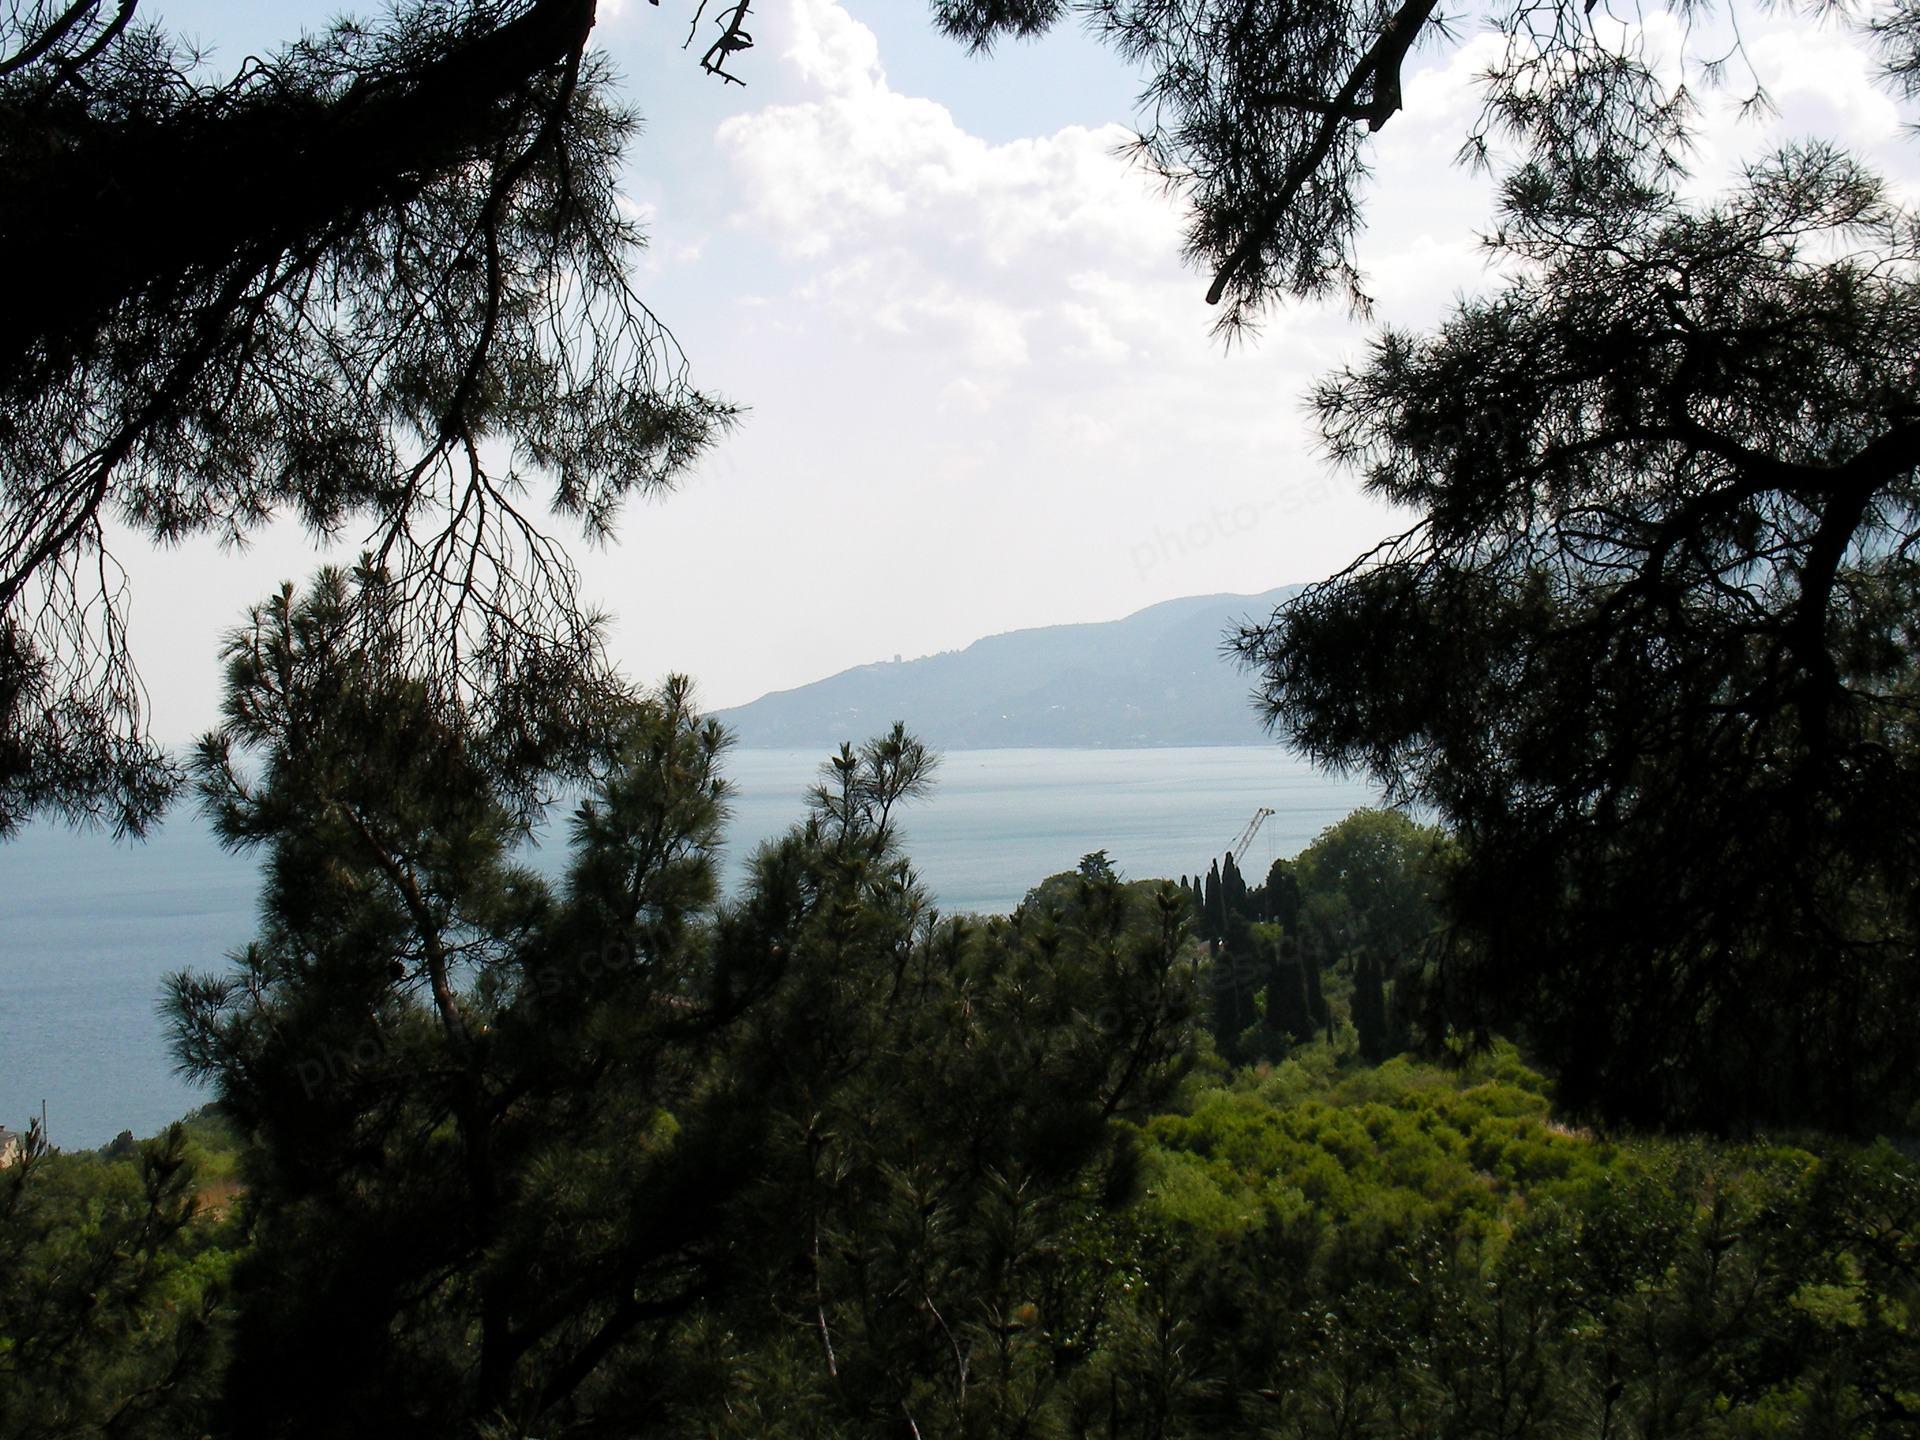 सागर और देवदार शाखाओं के माध्यम से आकाश के नीचे पहाड़ों